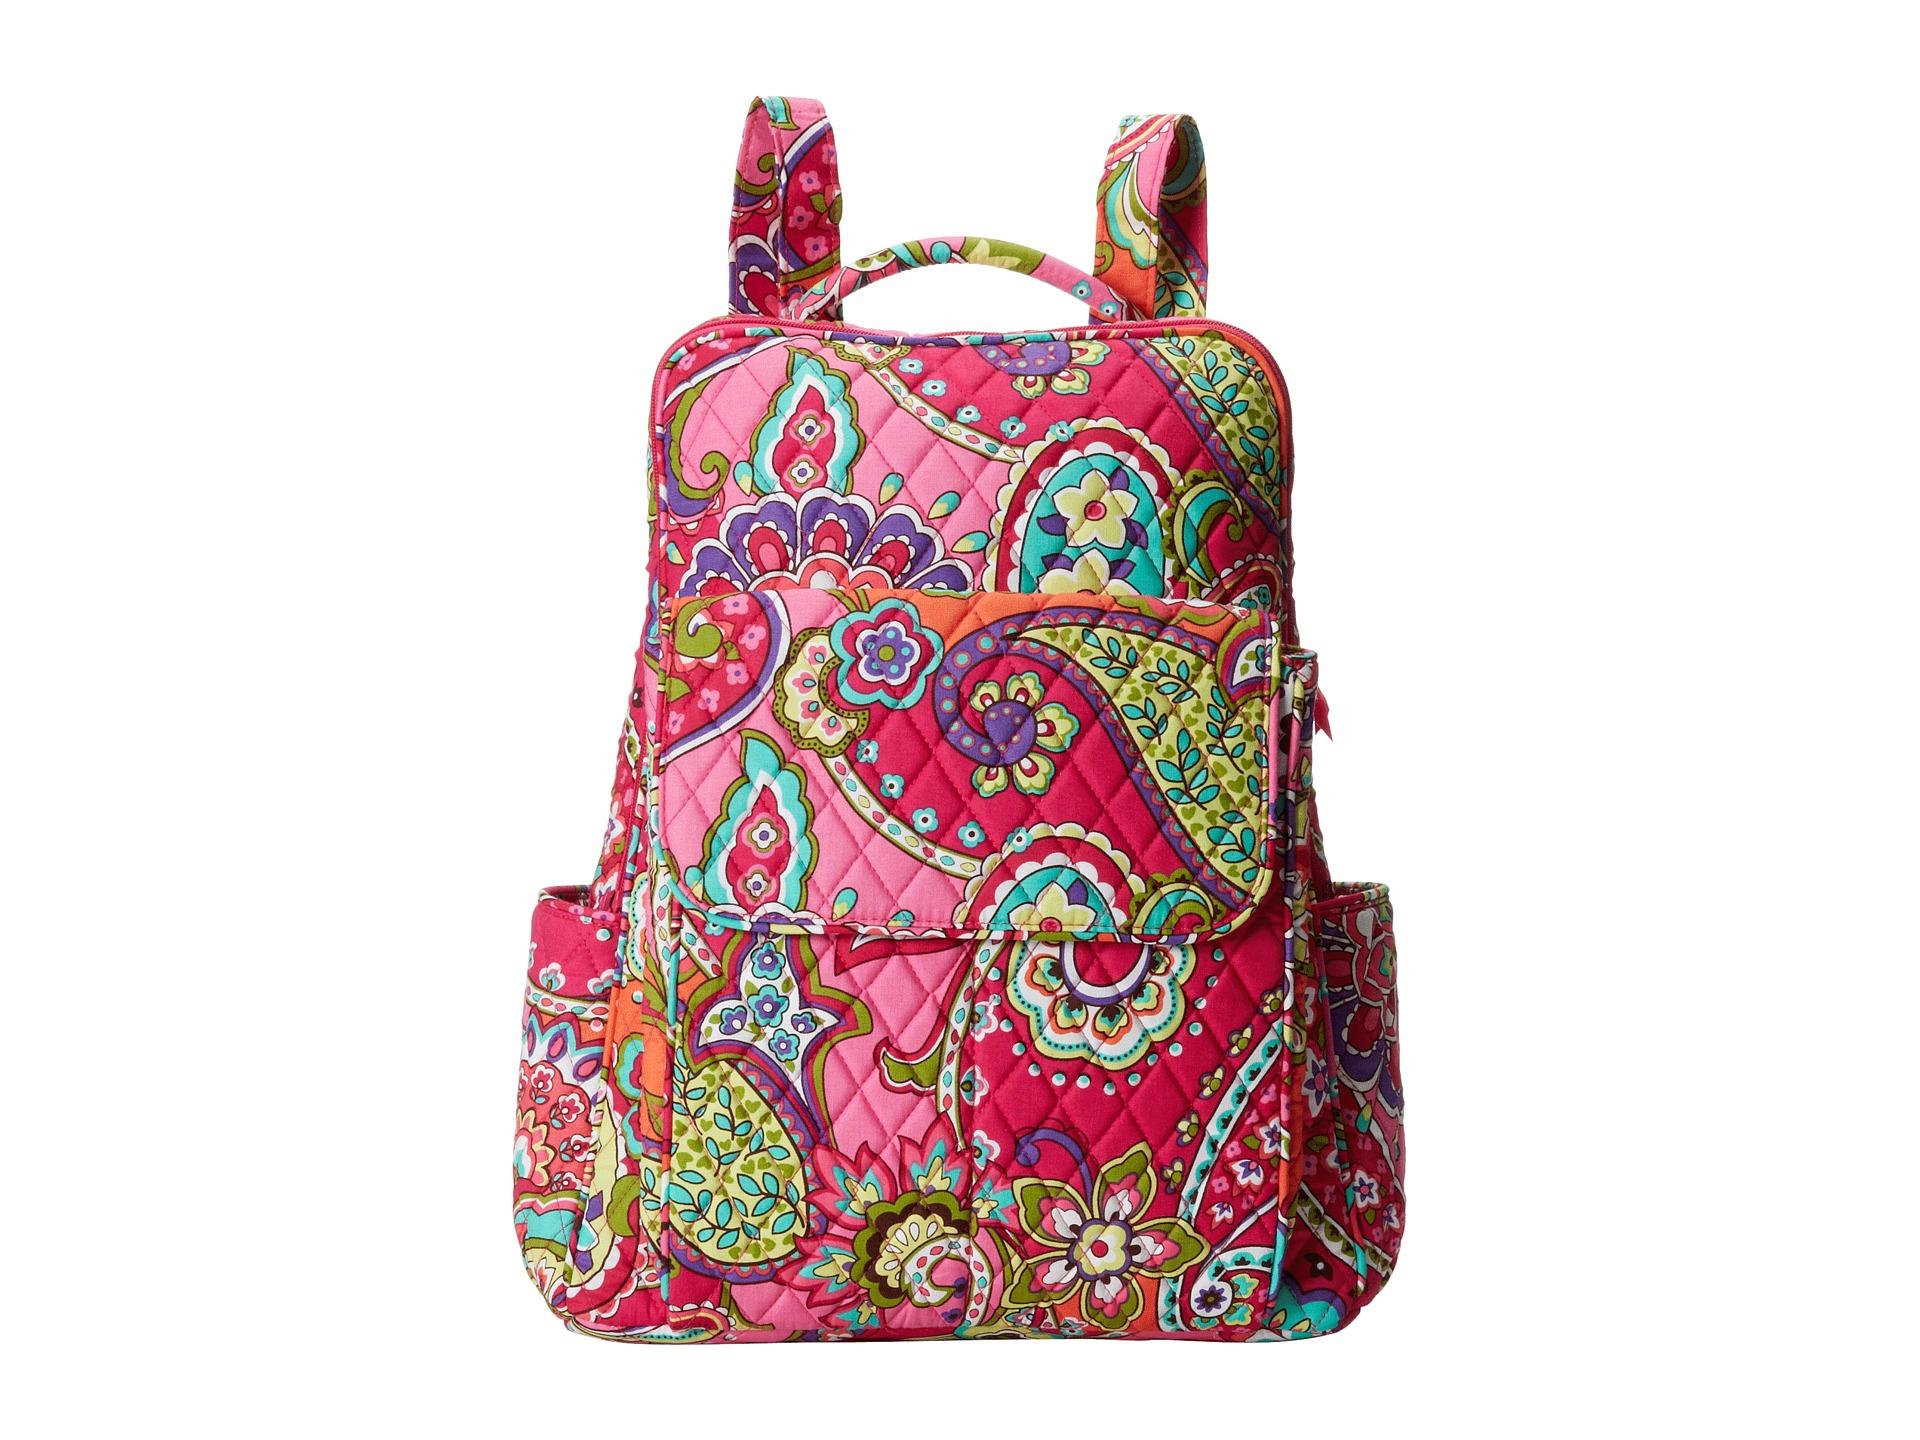 efedacd1d8 Vera Bradley Campus Backpack Pink Swirls - Motorslist